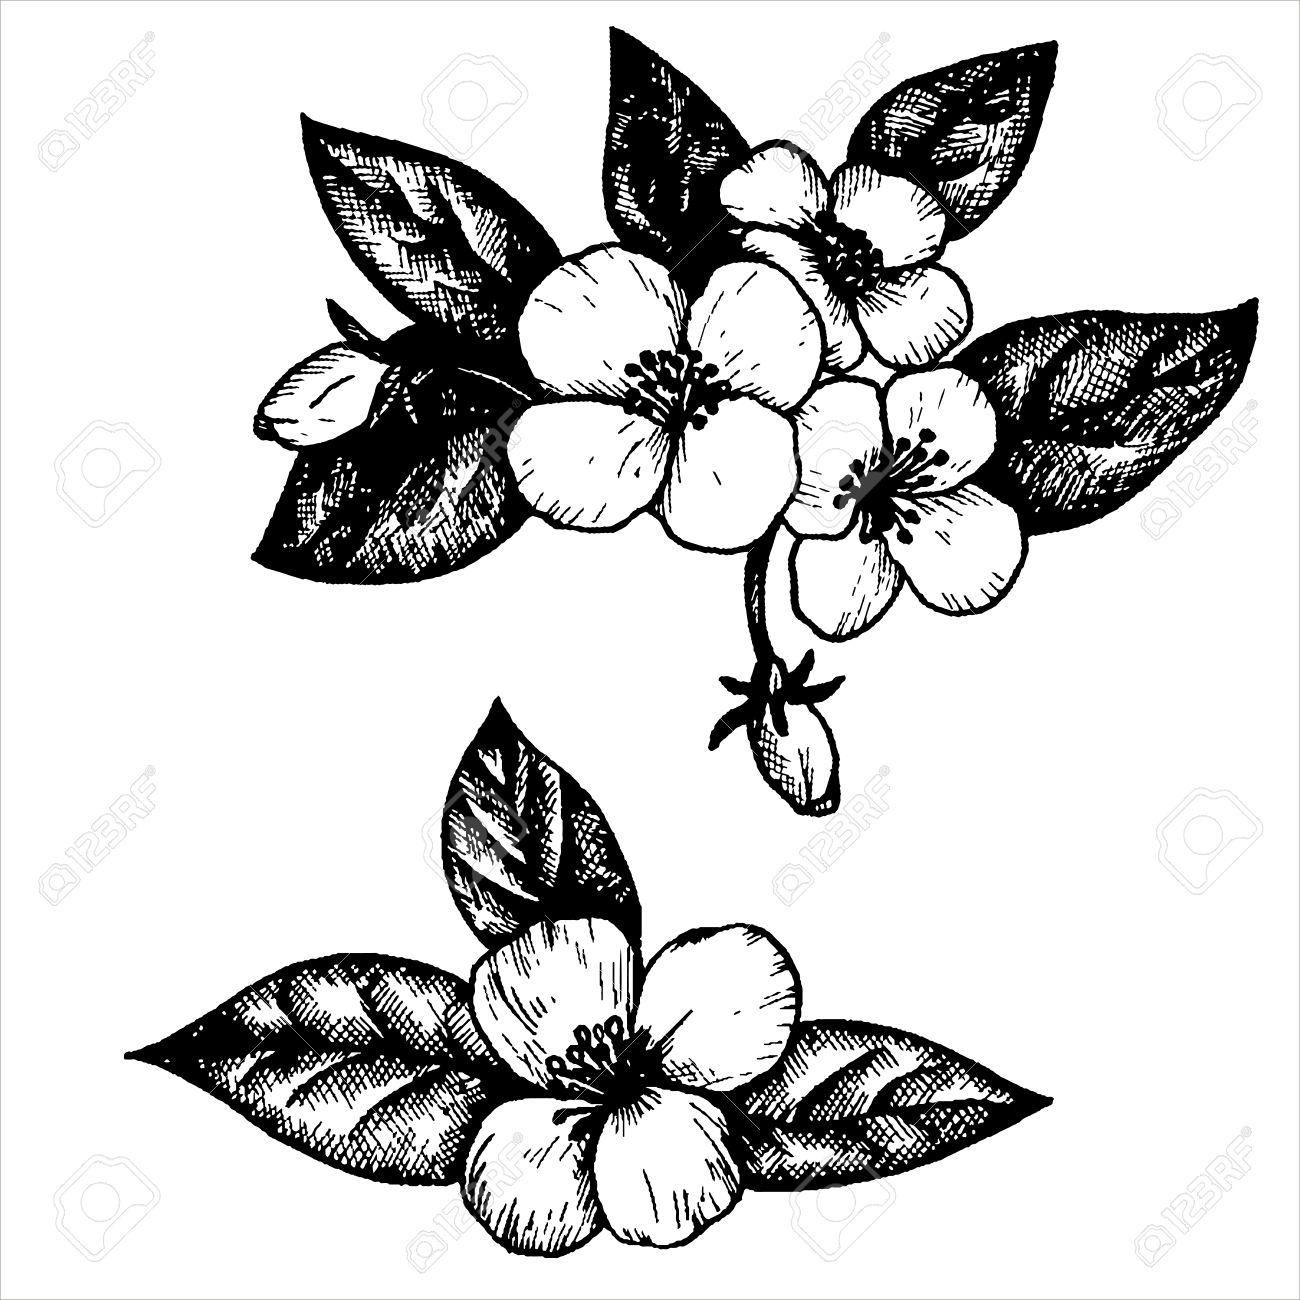 Jasmine Flowers And Leaves Hand Drawn Vintage Vector Illustration